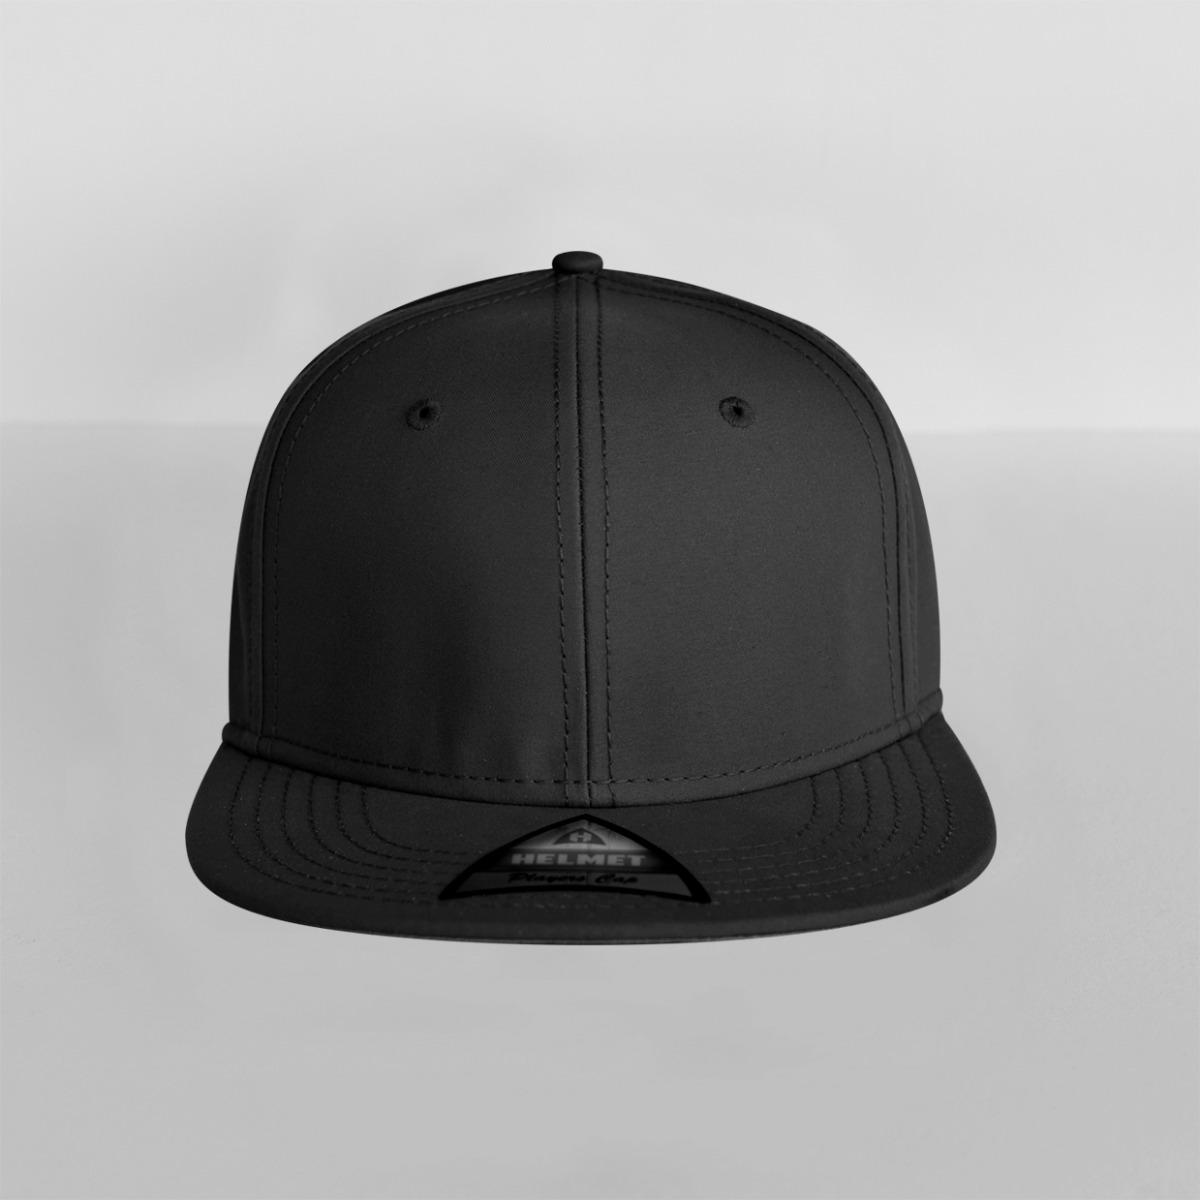 Gorra Snapback Negra Marca Helmet Para Personalizar -   199.00 en ... 1d4dabf65d3